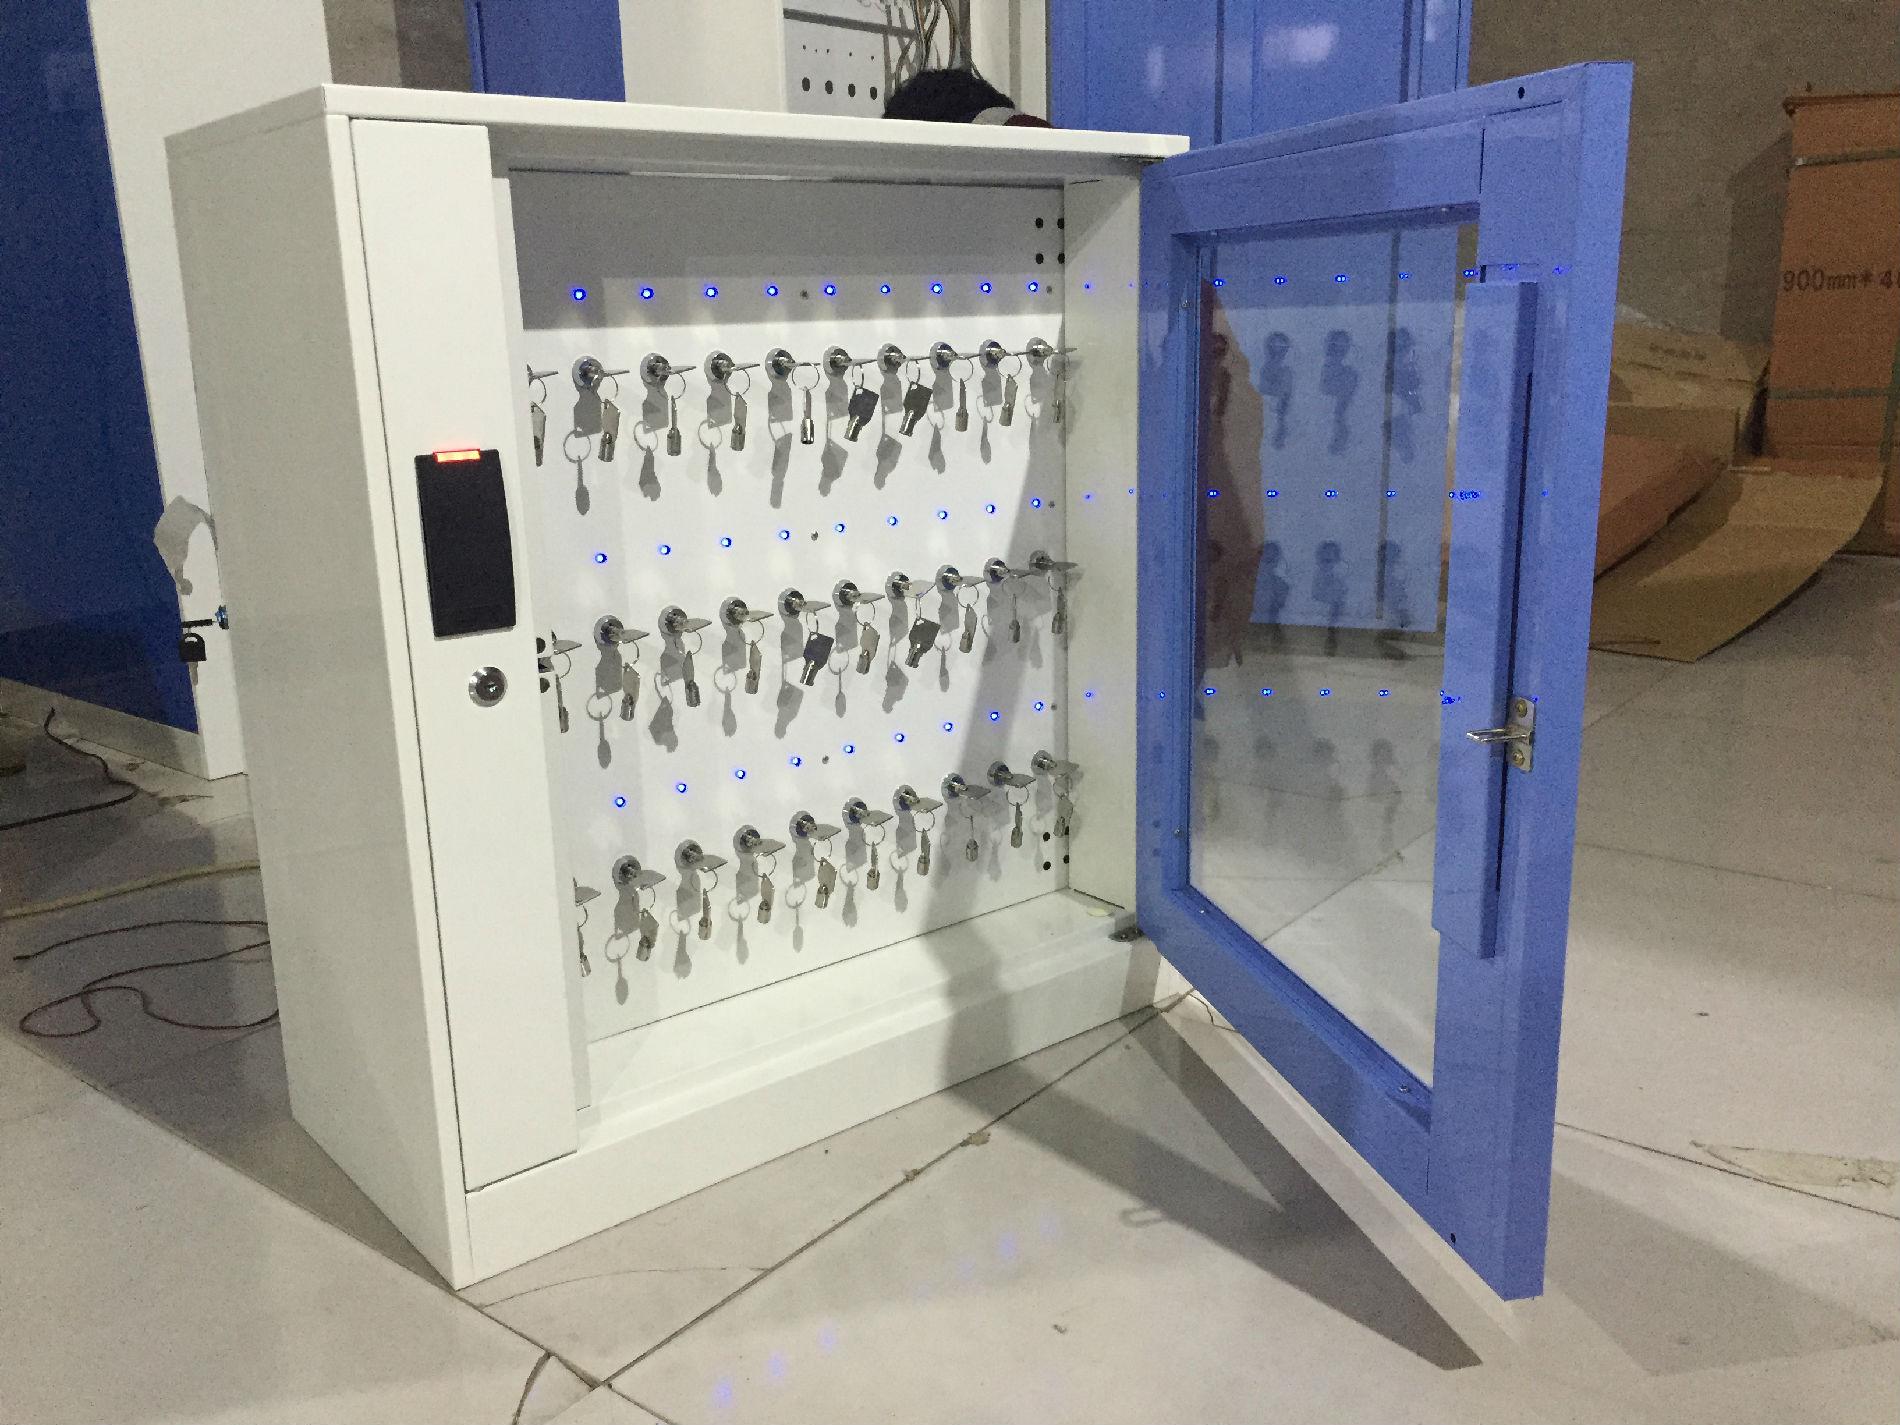 埃克萨斯智能钥匙柜E-key4mini物业钥匙柜指纹密码钥匙箱厂家直销